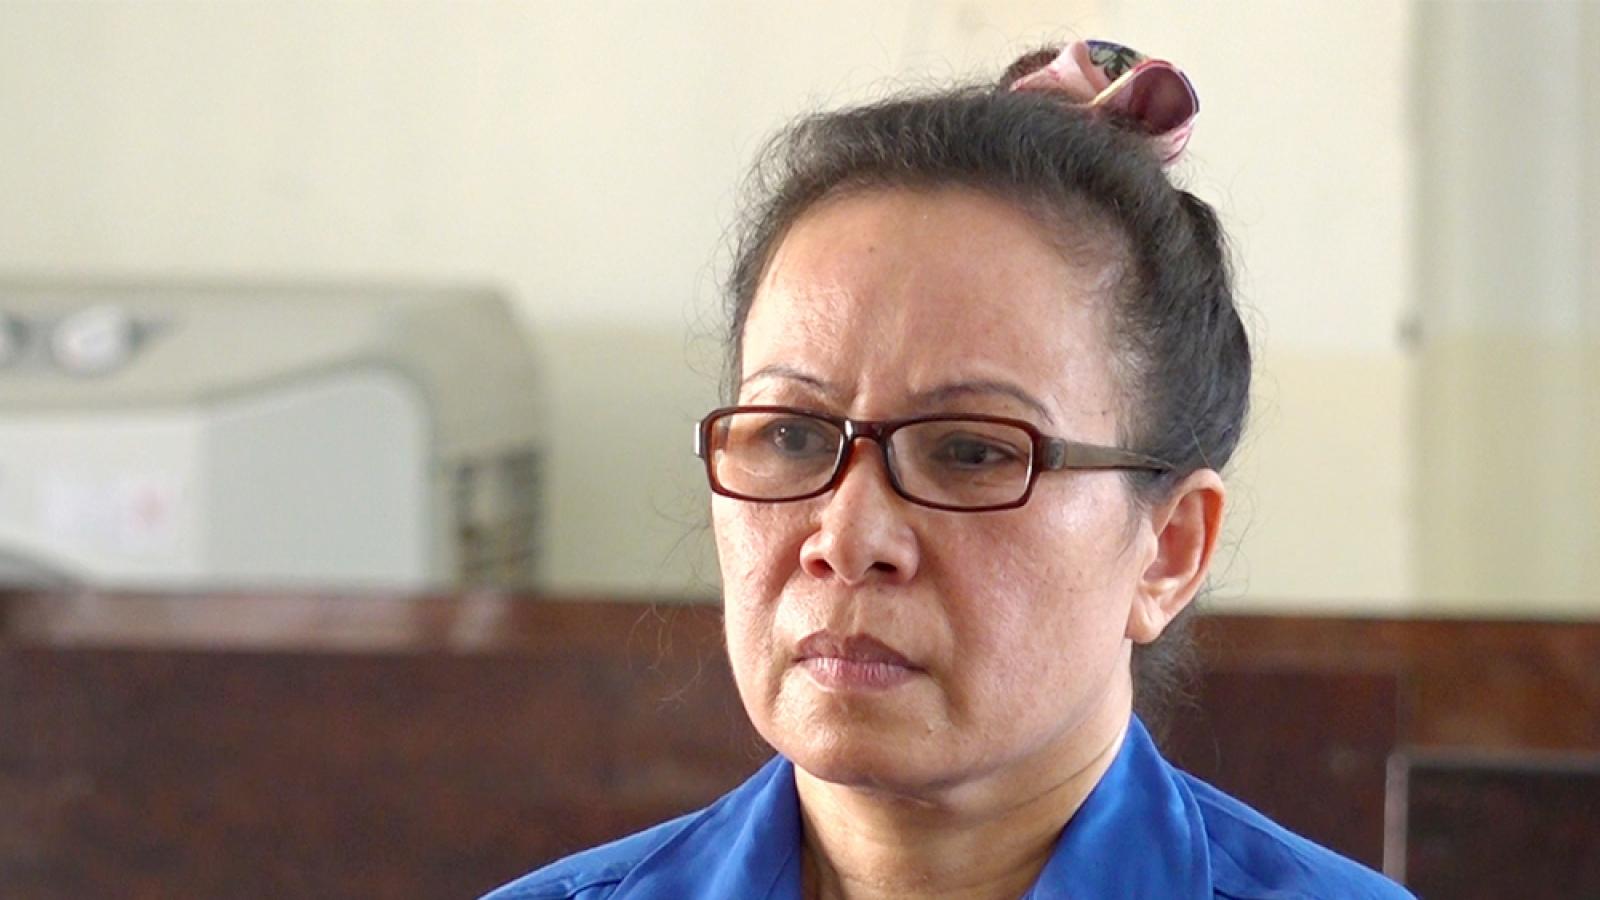 Án chung thân cho đối tượngngười Campuchia vận chuyển ma tuý vào Việt Nam